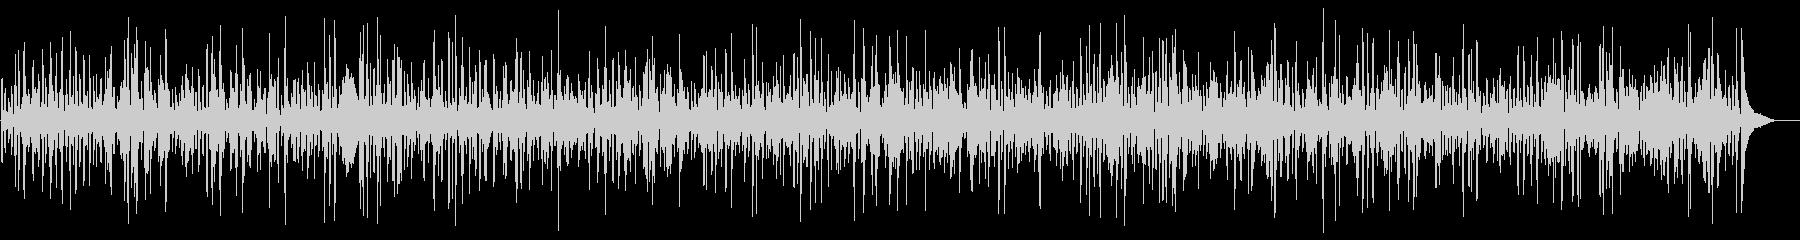 おしゃれでかっこいいアコーディオンジャズの未再生の波形